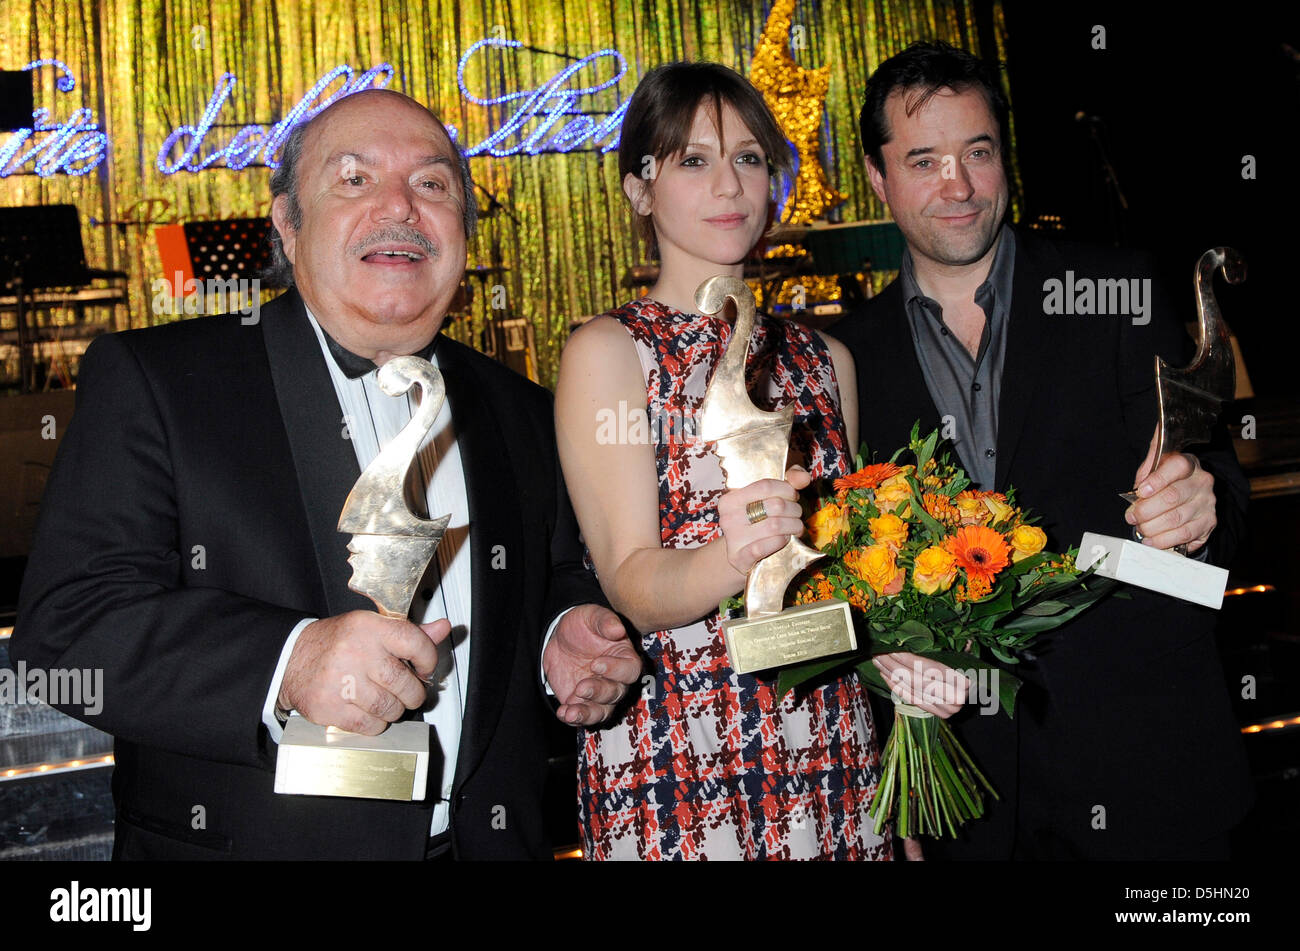 Die italienischen Schauspieler Lino Banfi (l), Isabella Ragonese und der deutsche Schauspieler Jan Josef Liefers - Stock Image